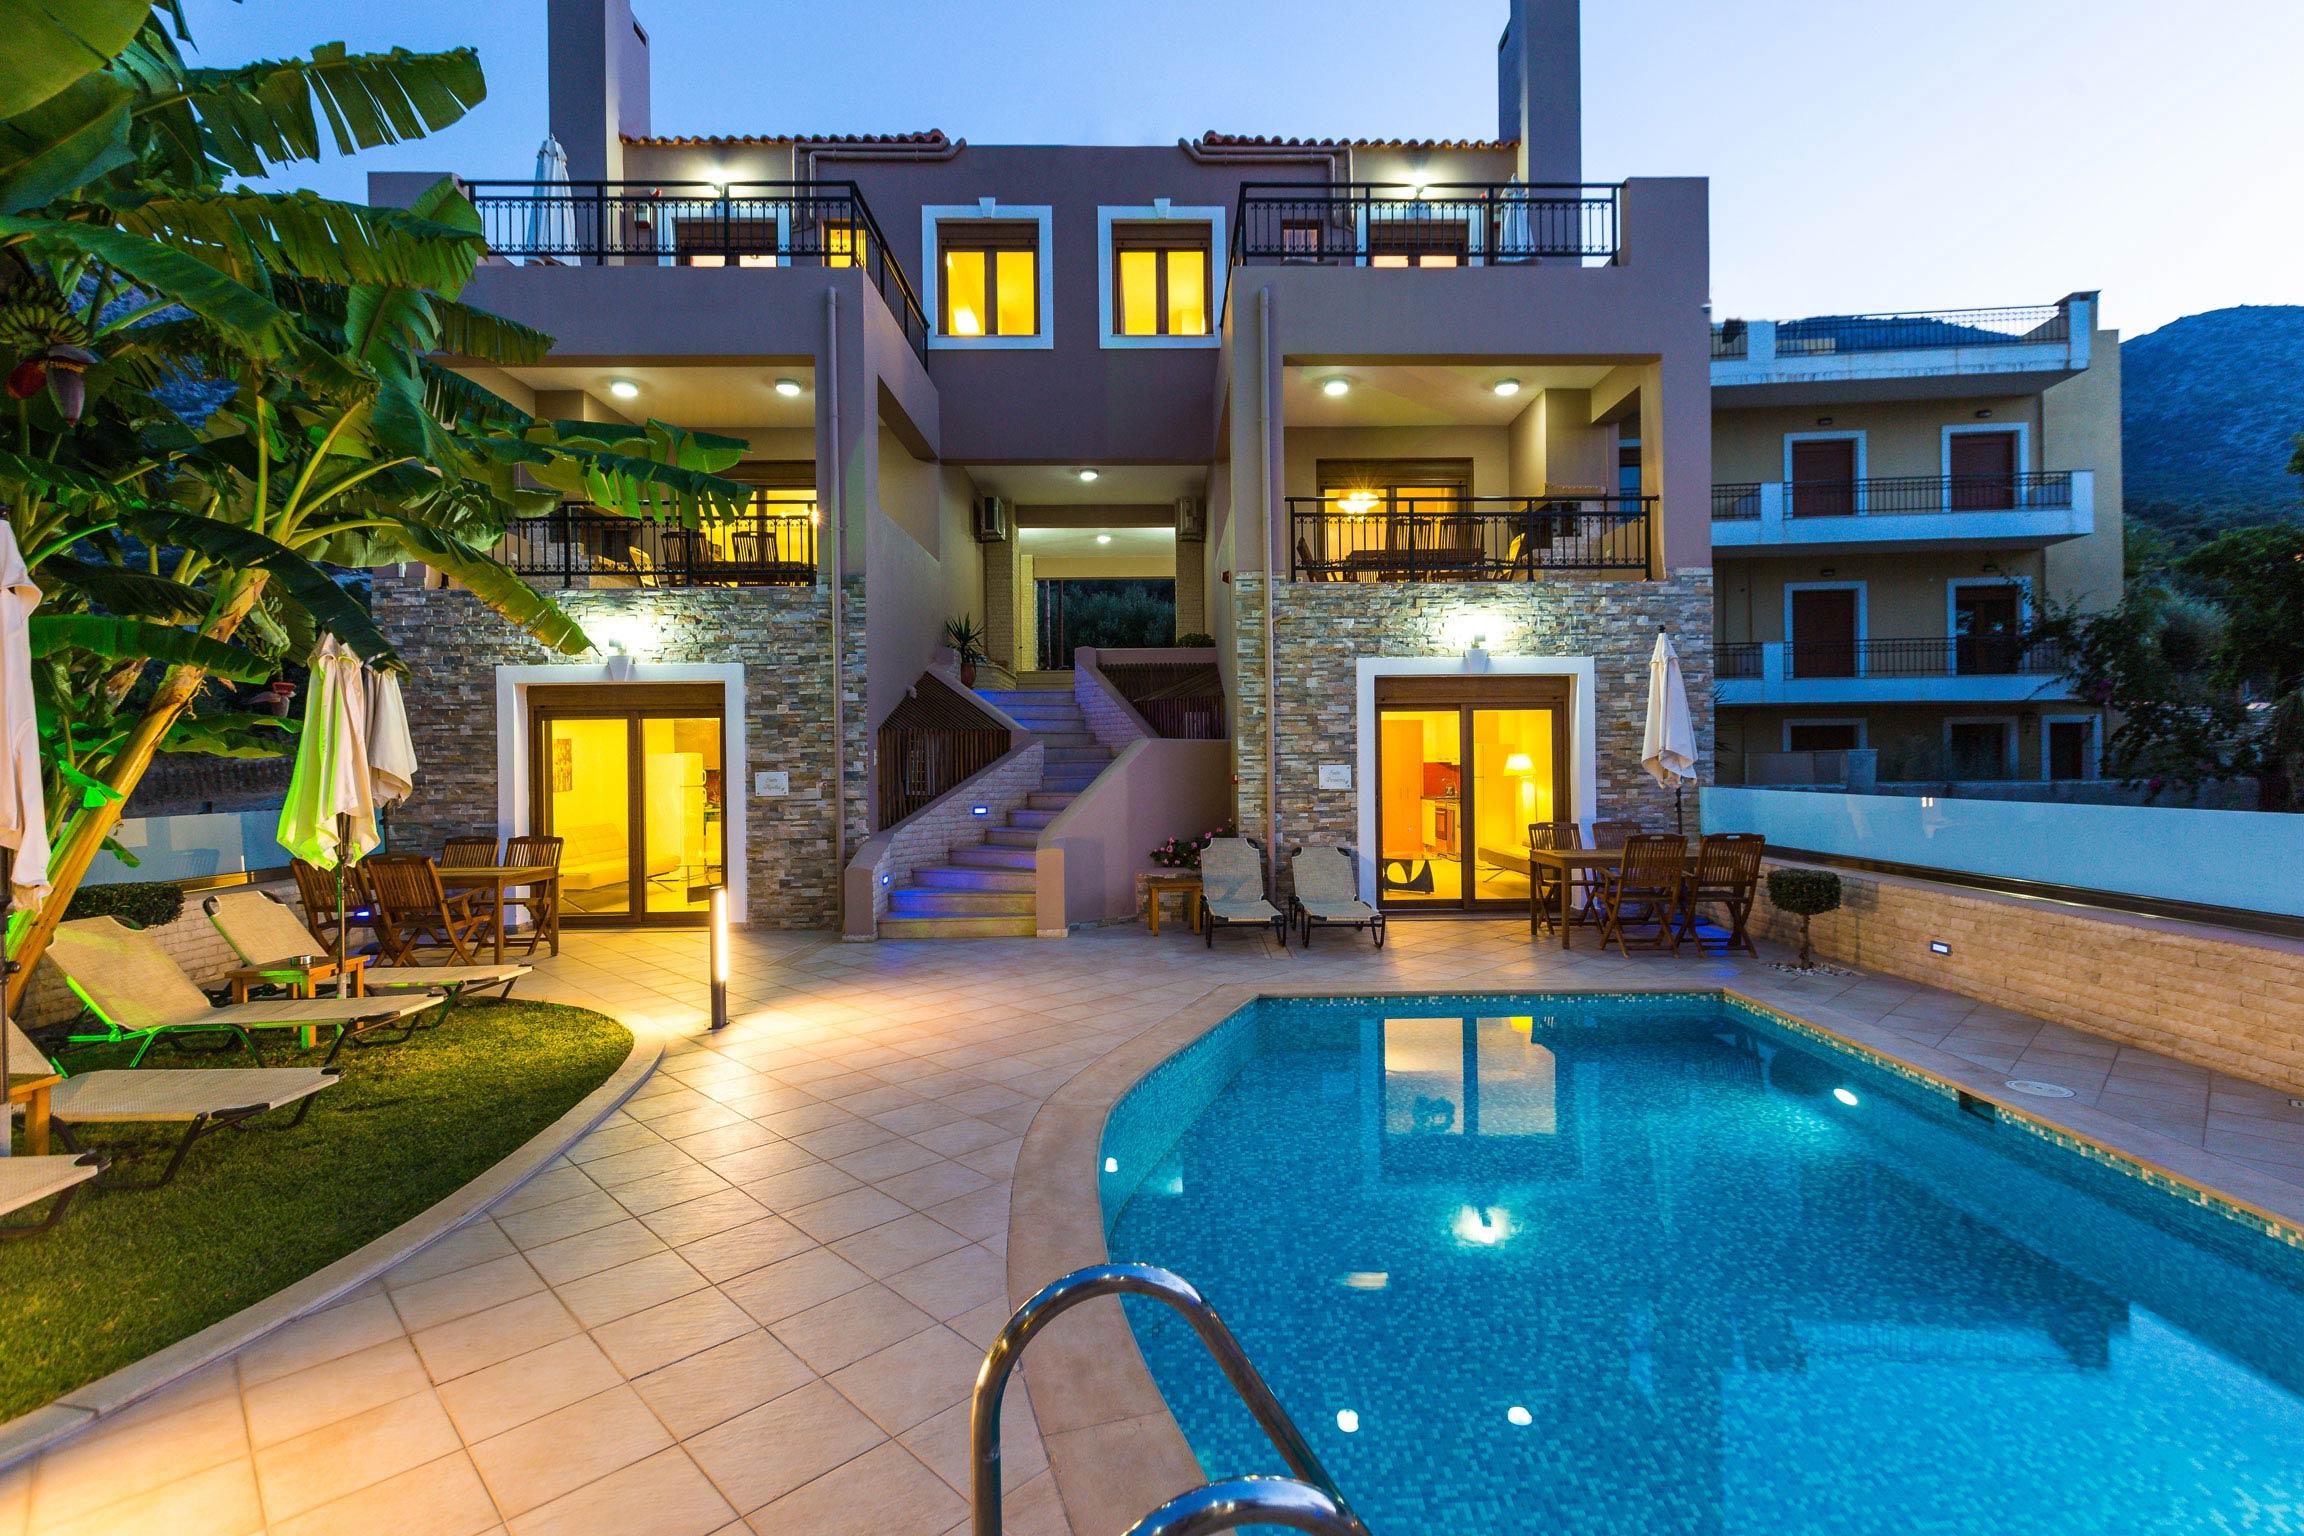 Ferienhaus Diese Villa auf zwei Ebenen ist der perfekte Ort, um in Rethymnon auf Kreta weh zu bleiben (2623387), Roumeli, Kreta Nordküste, Kreta, Griechenland, Bild 1